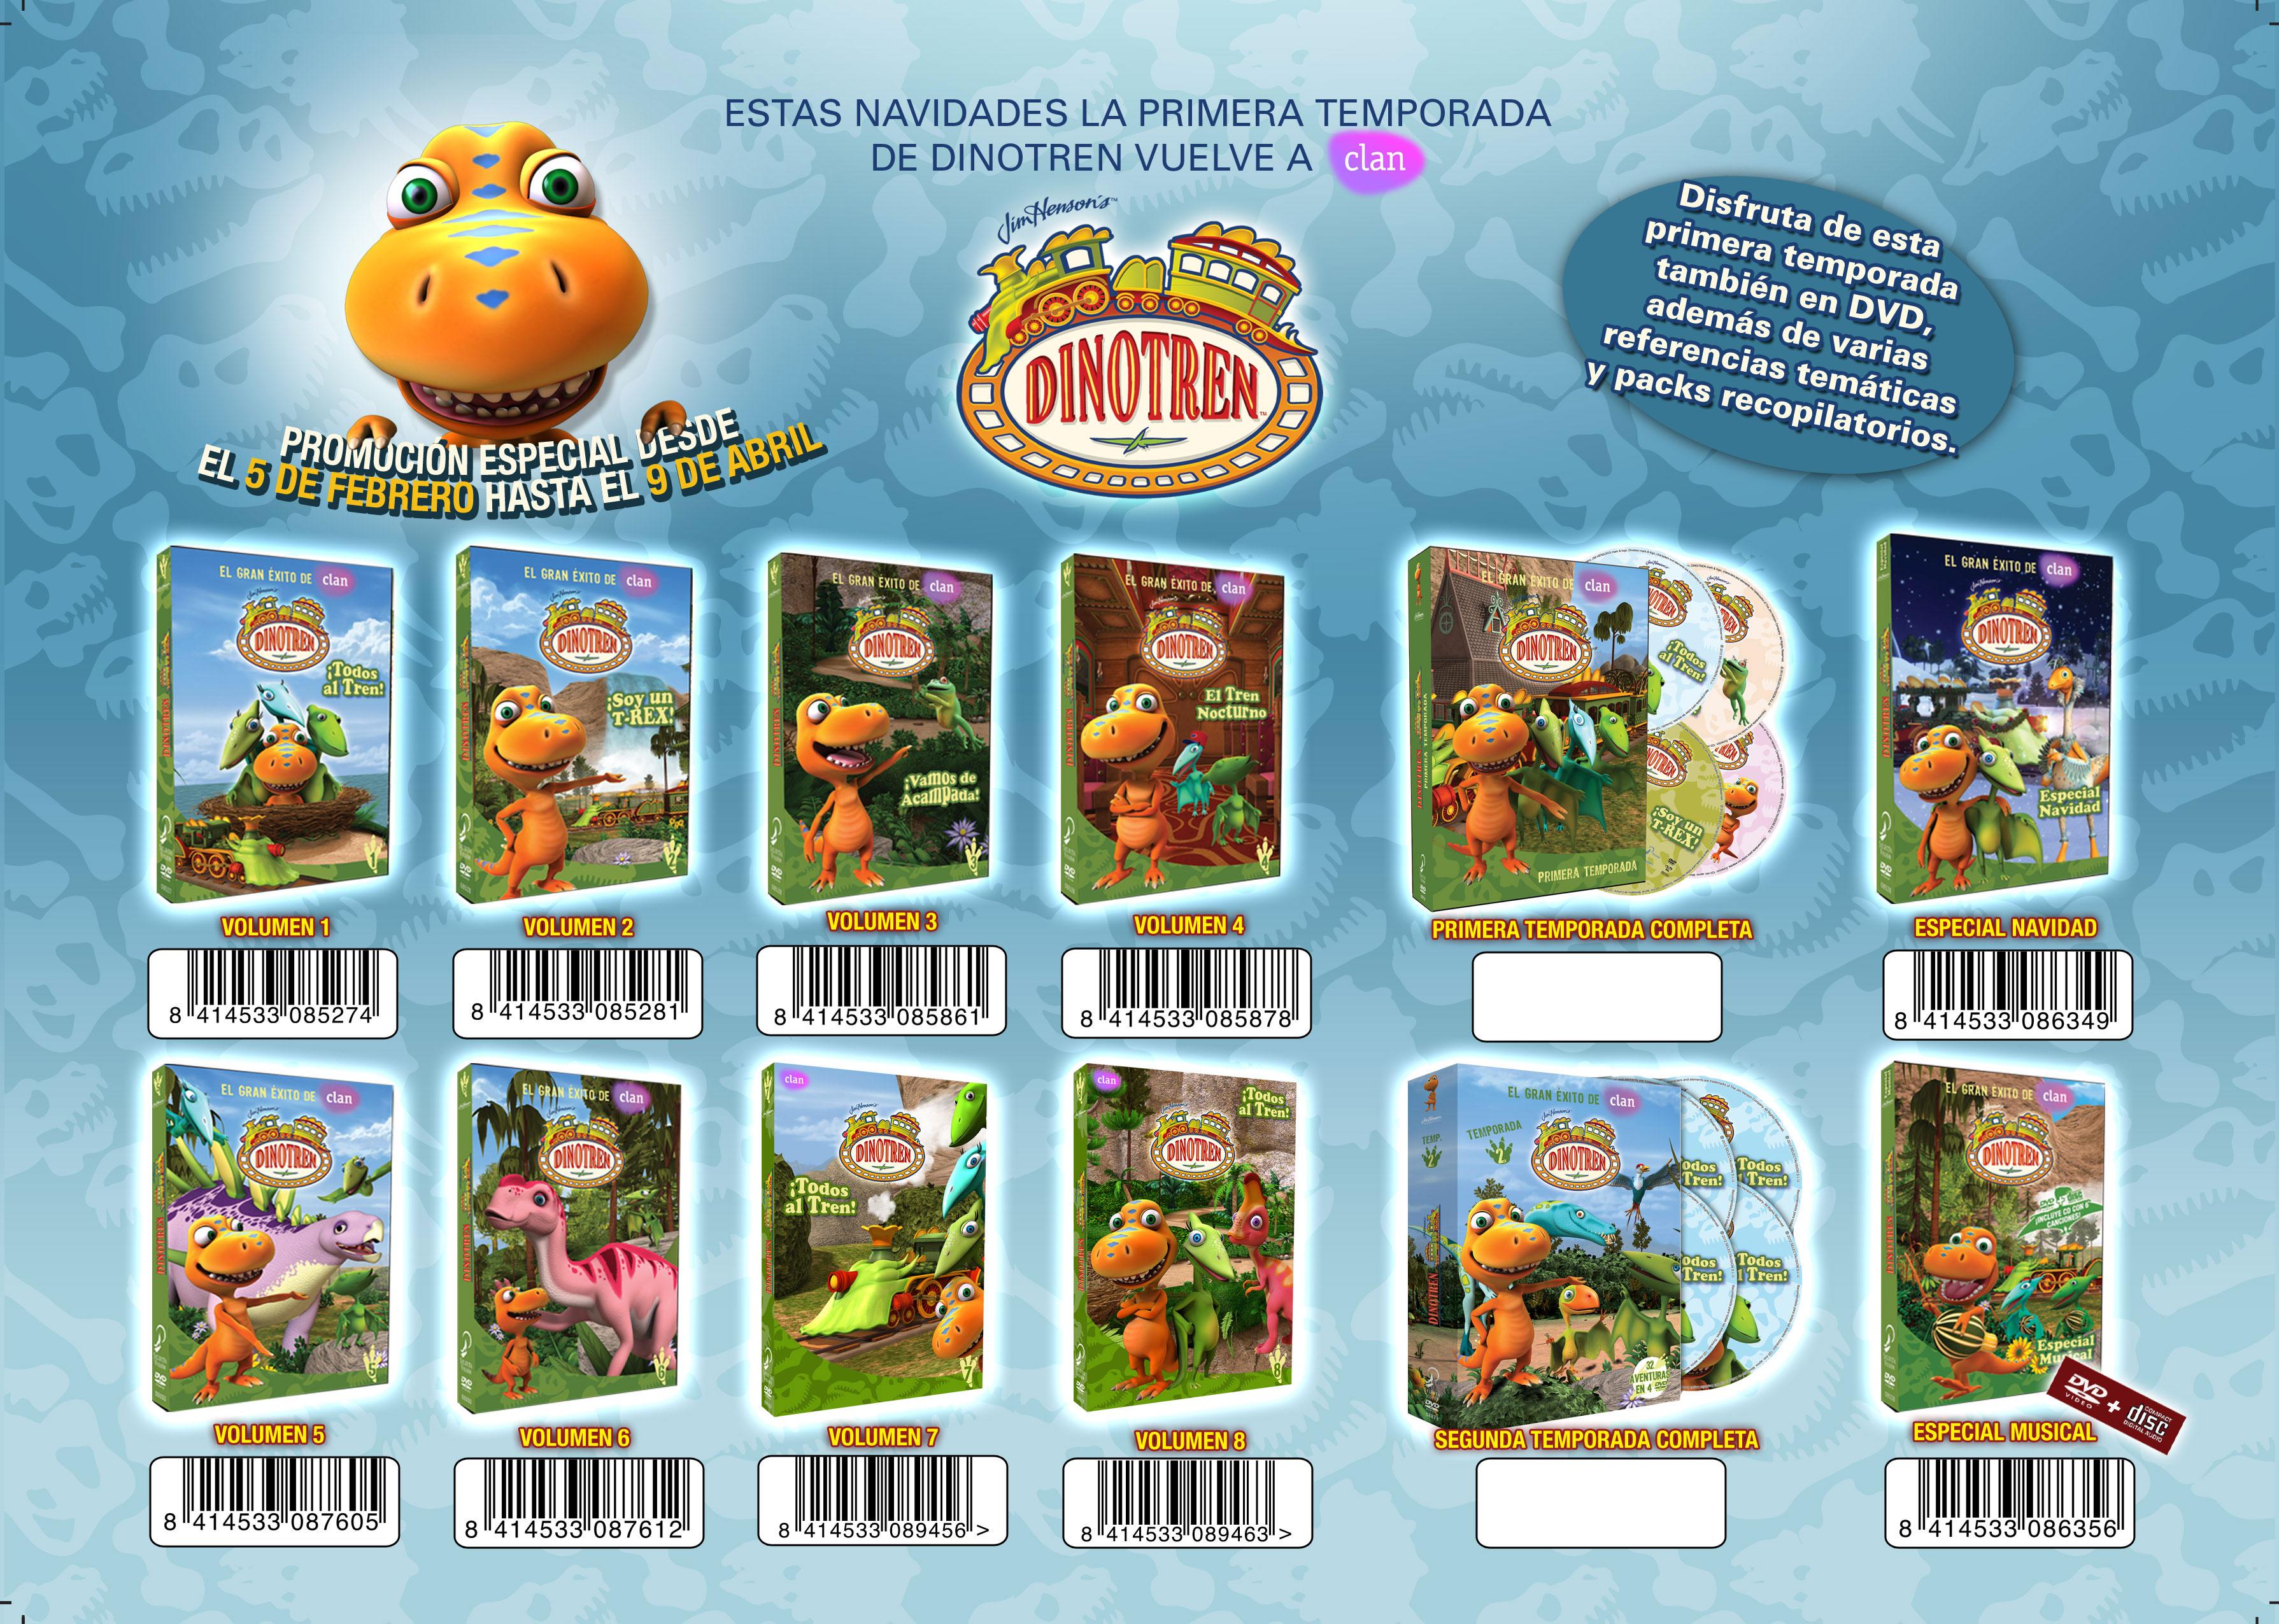 Juegos De Pintar Dinosaurios Que Vuelan Biblioteca De: Juegos De Dino Tren. Elegant Dora La Exploradora Juegos En